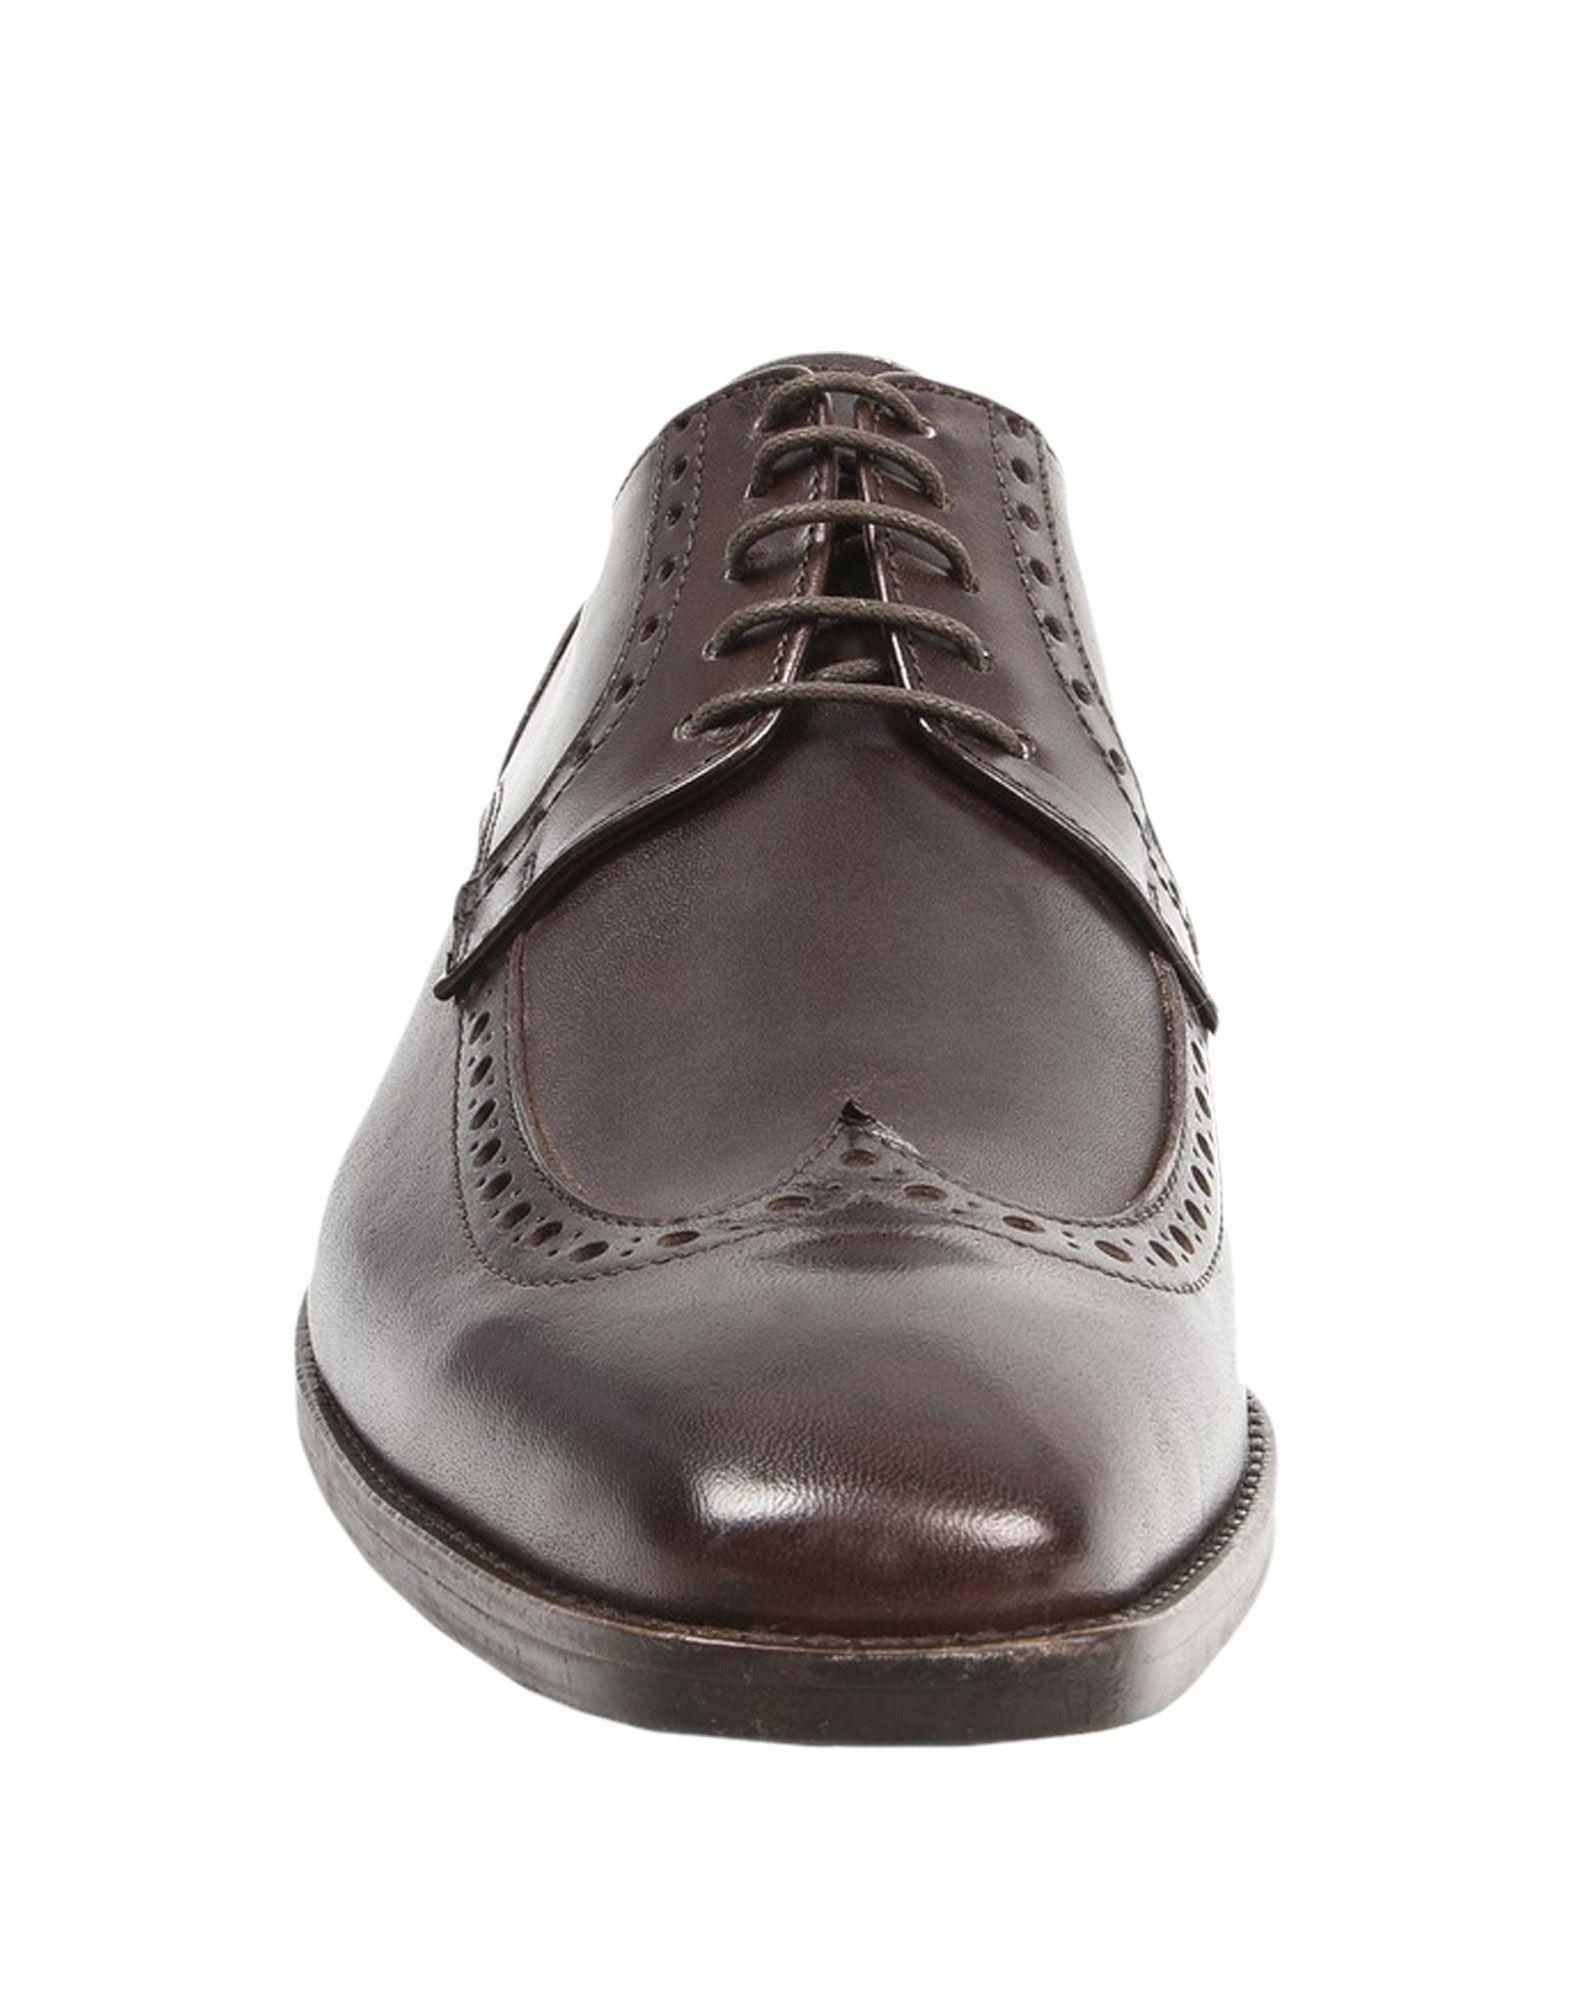 Rabatt echte Herren Schuhe Derossi Italia Schnürschuhe Herren echte 11527522XL c87a32